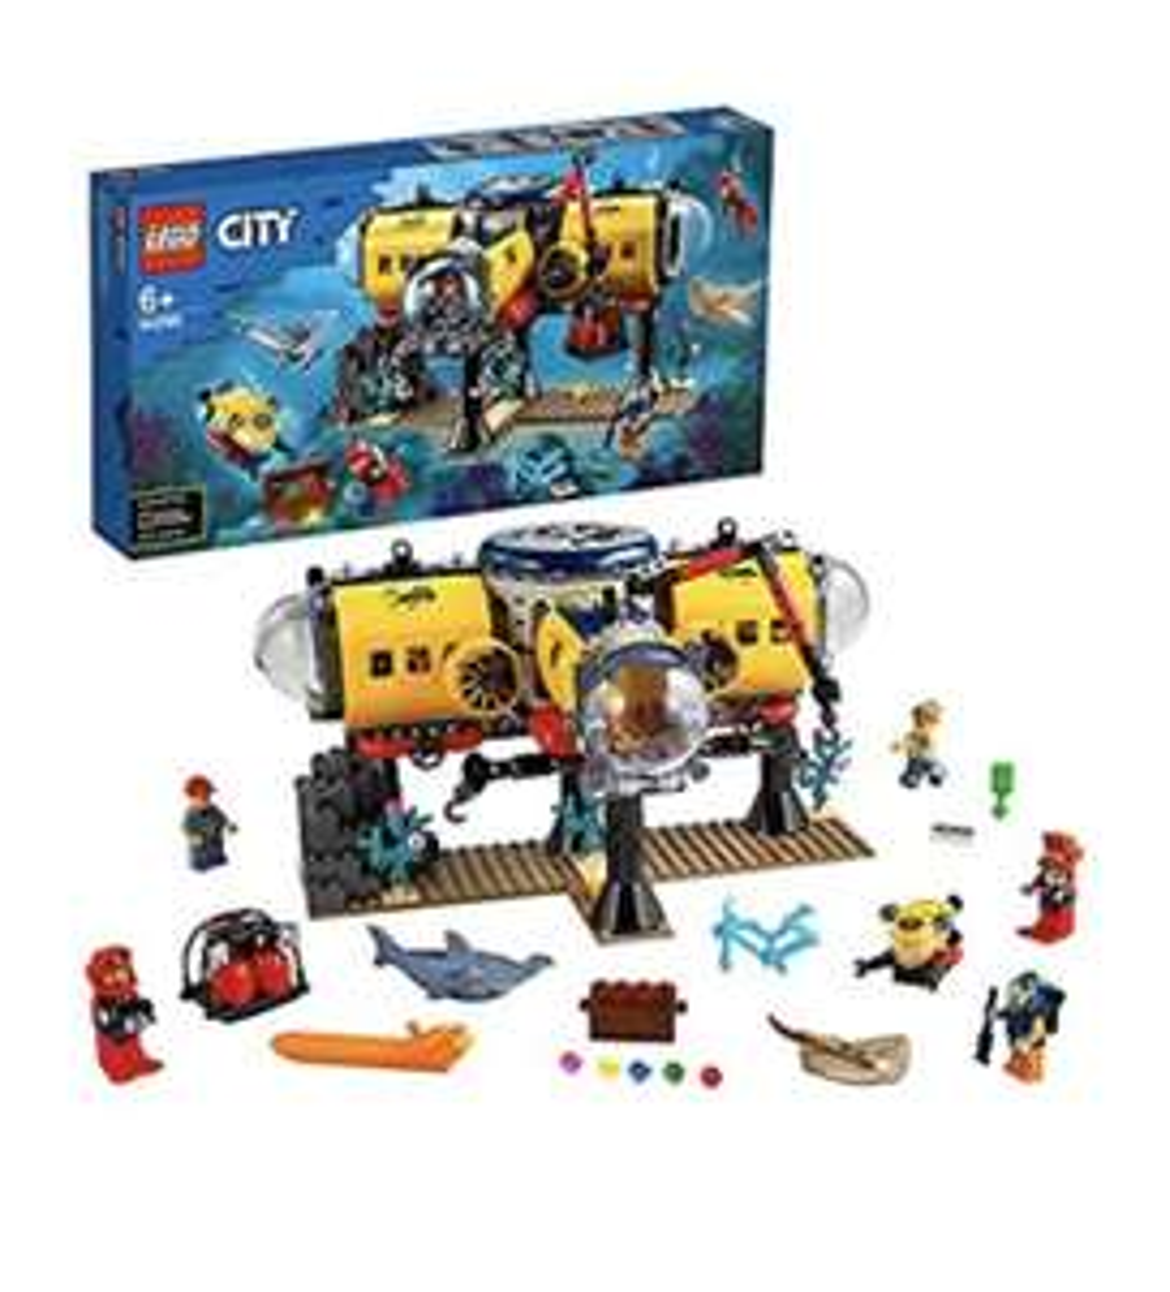 LEGO City Oceaan Onderzoeksbasis 60265